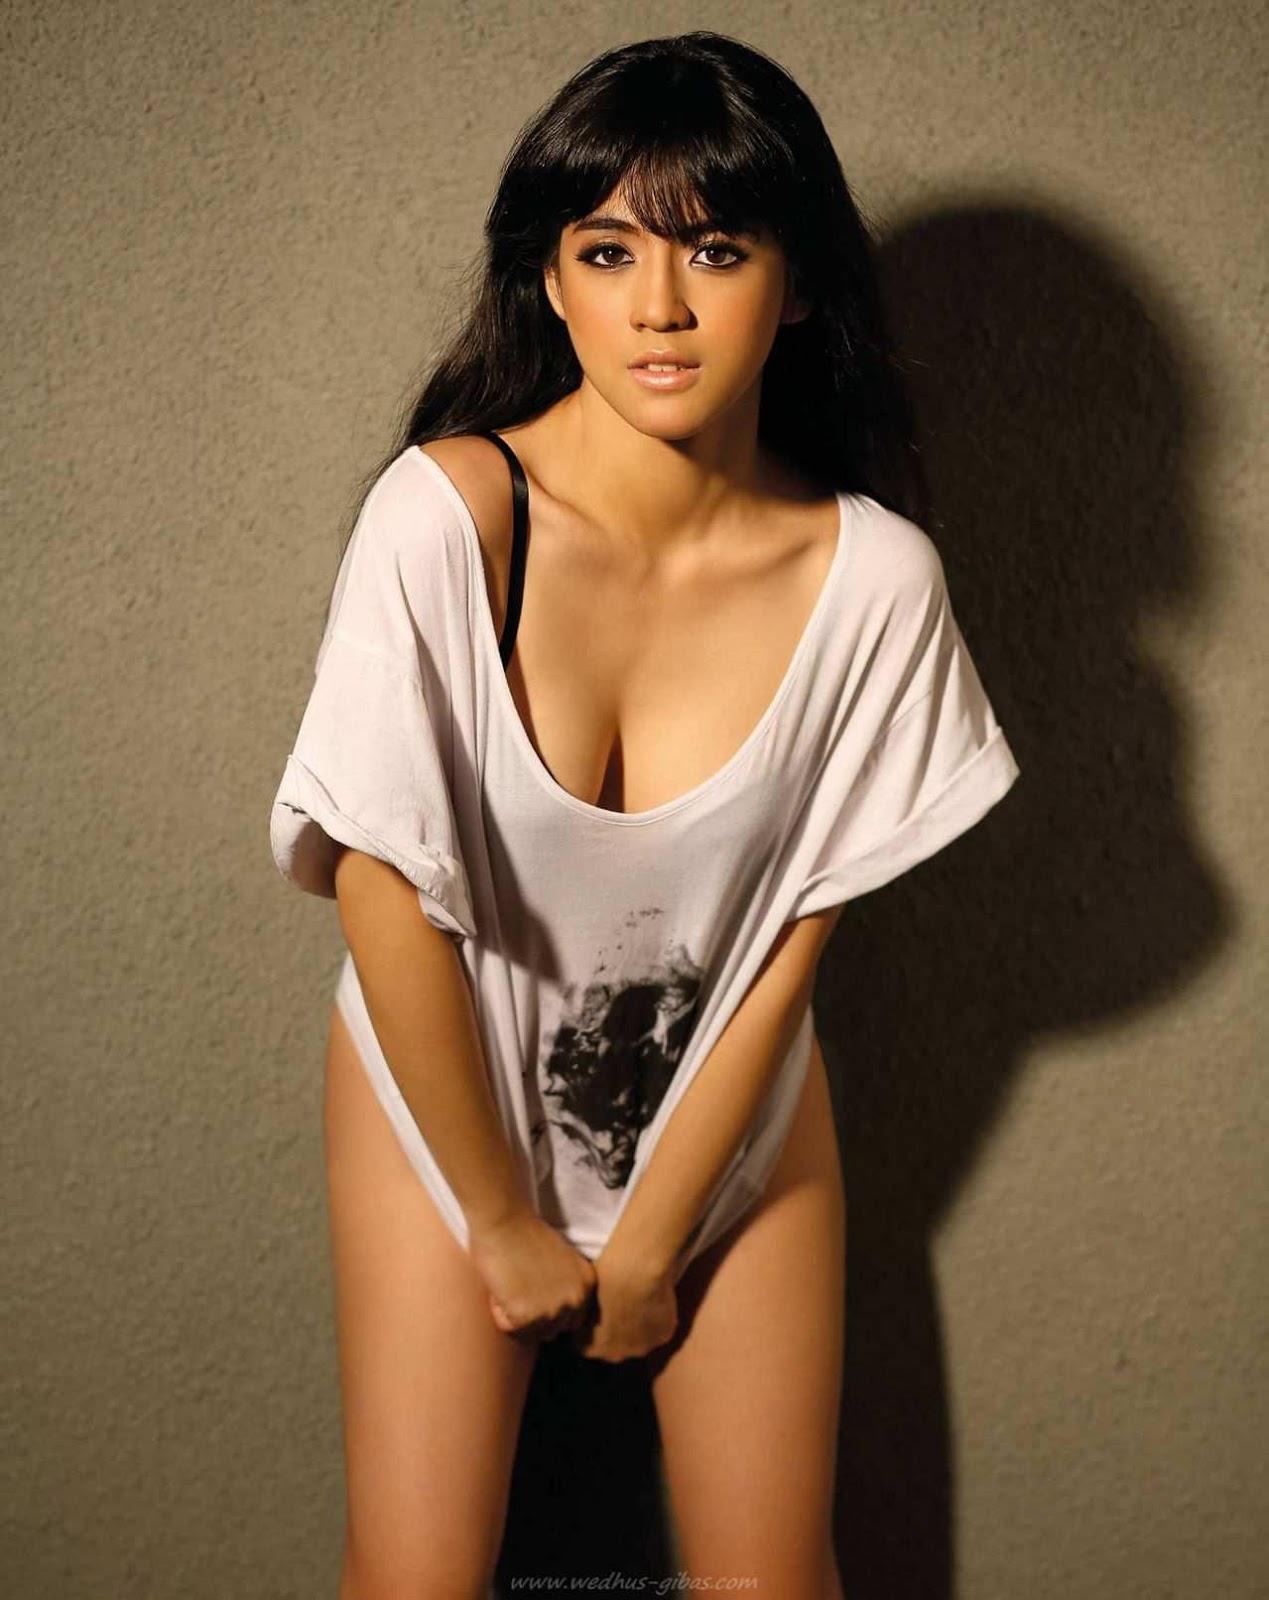 Pose Hot Putri Una